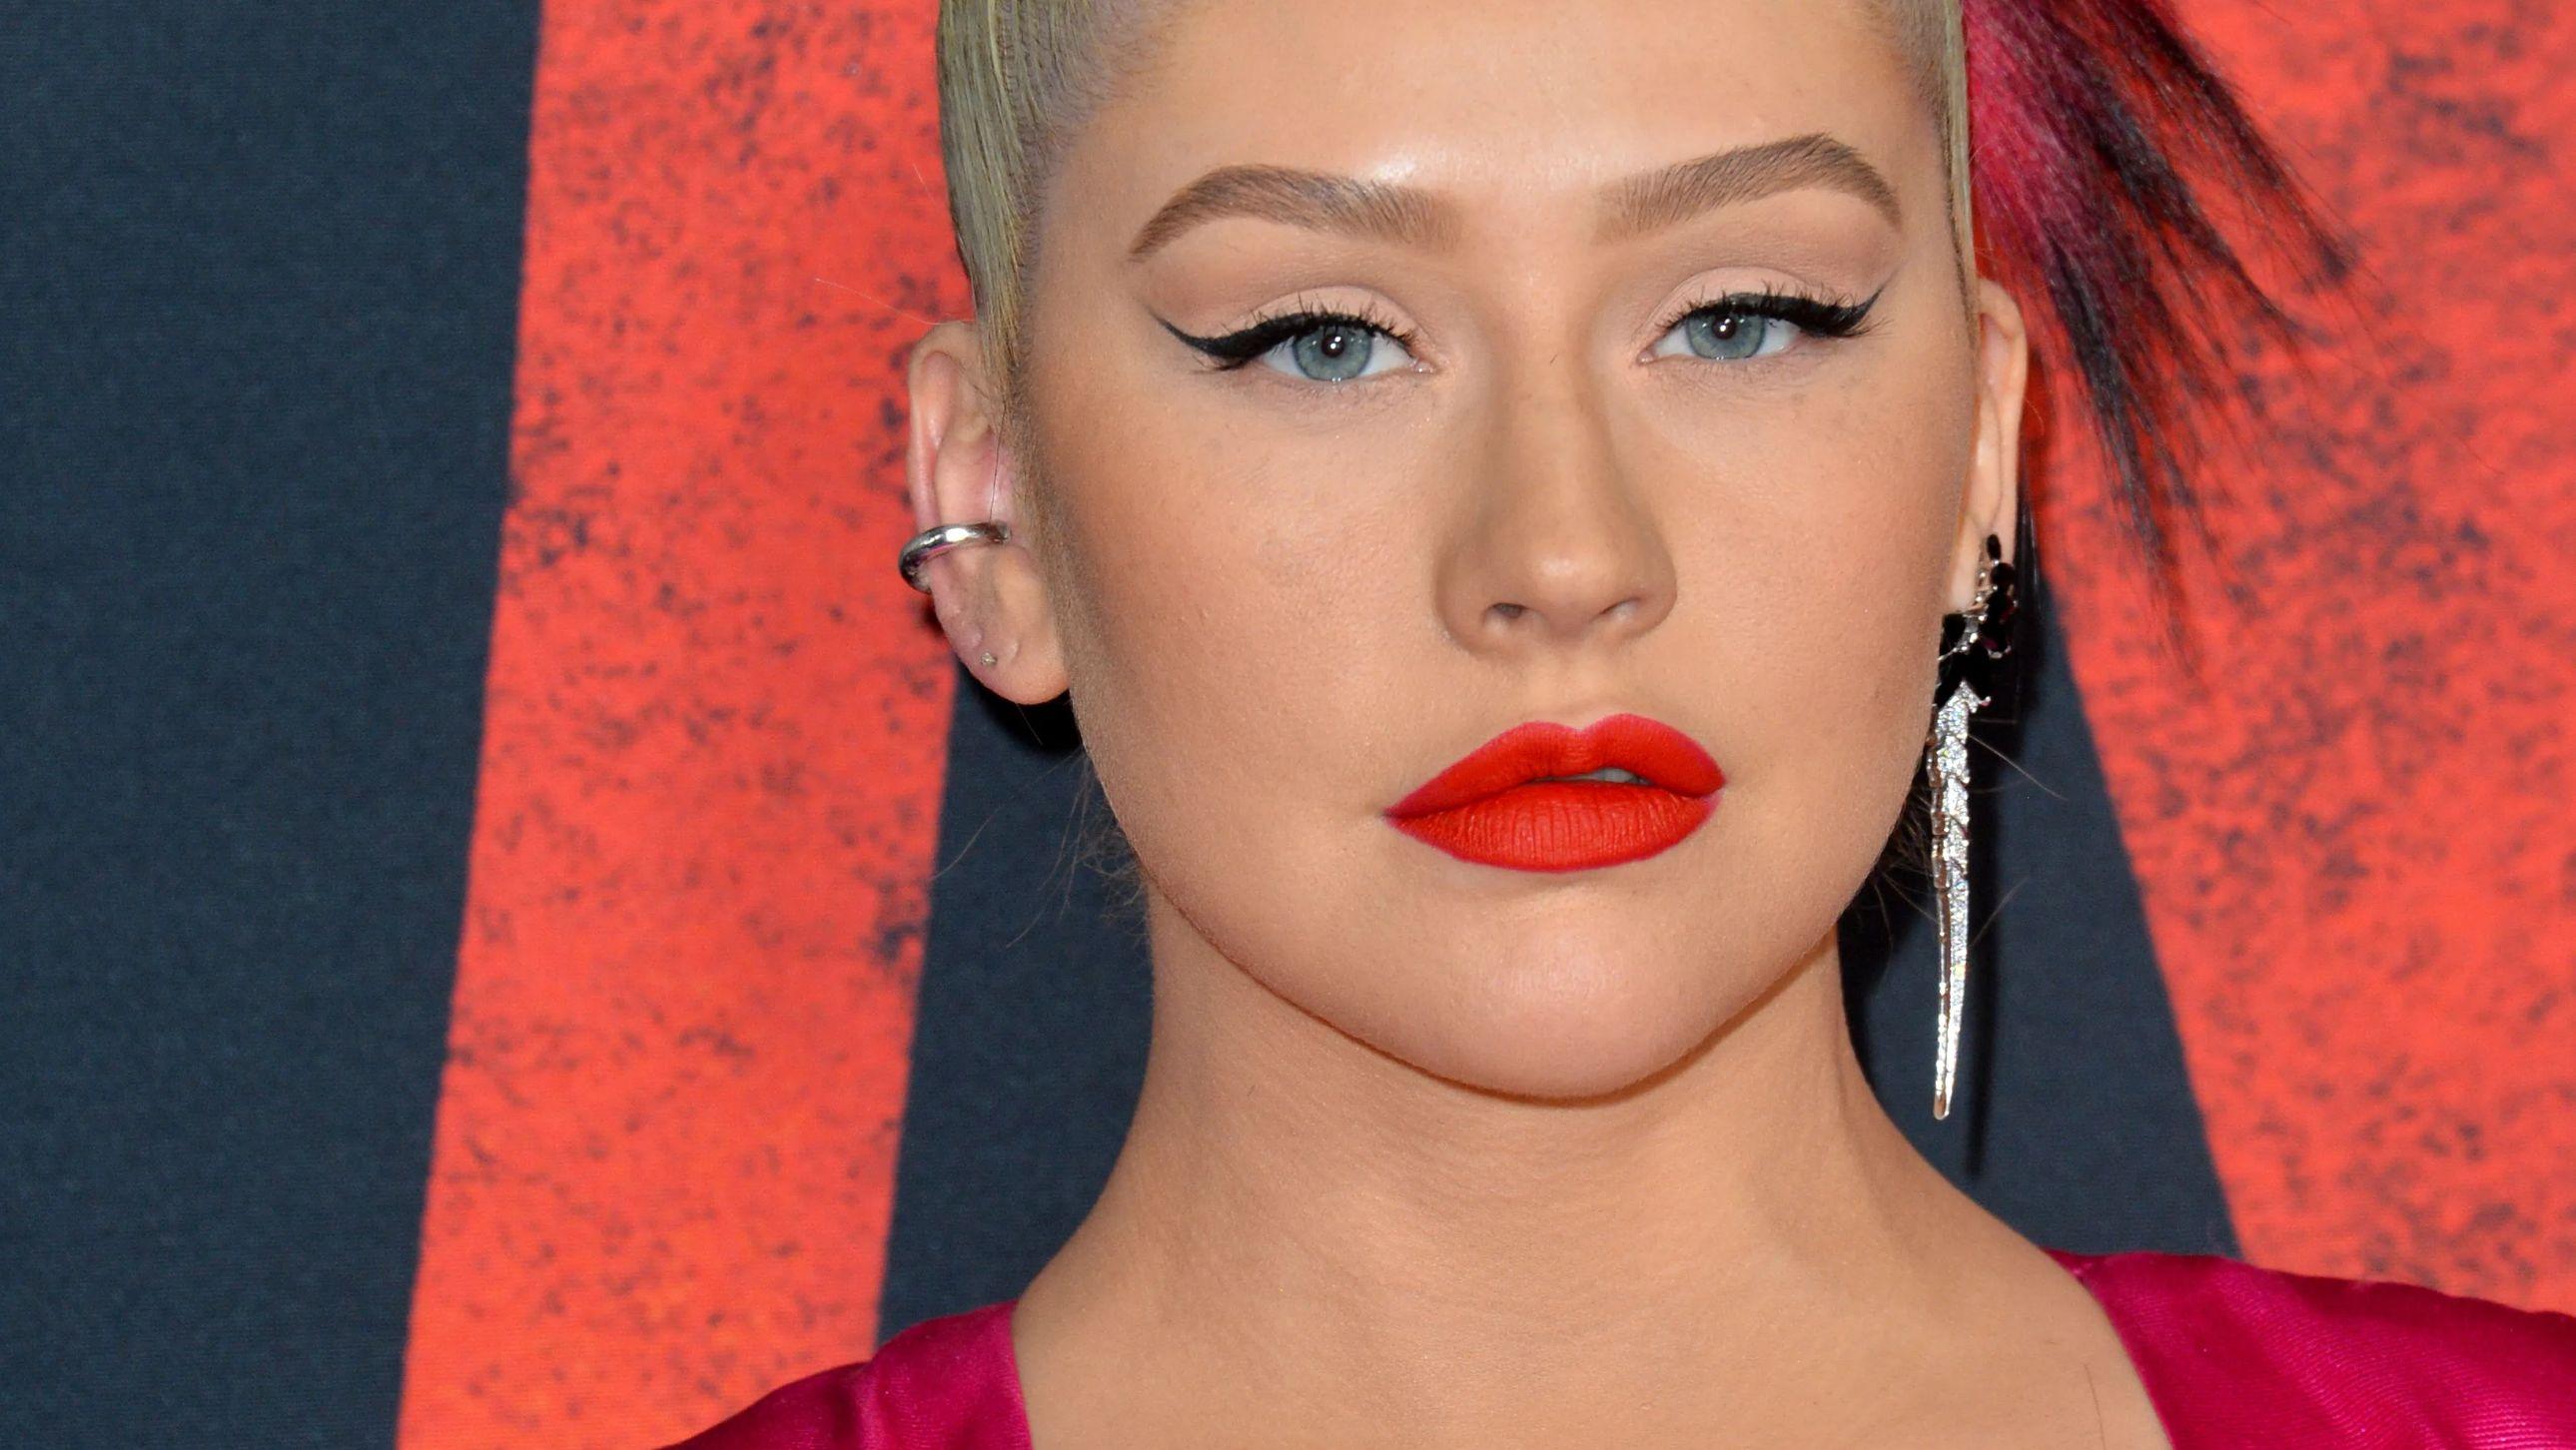 Christina Aguilera at an event